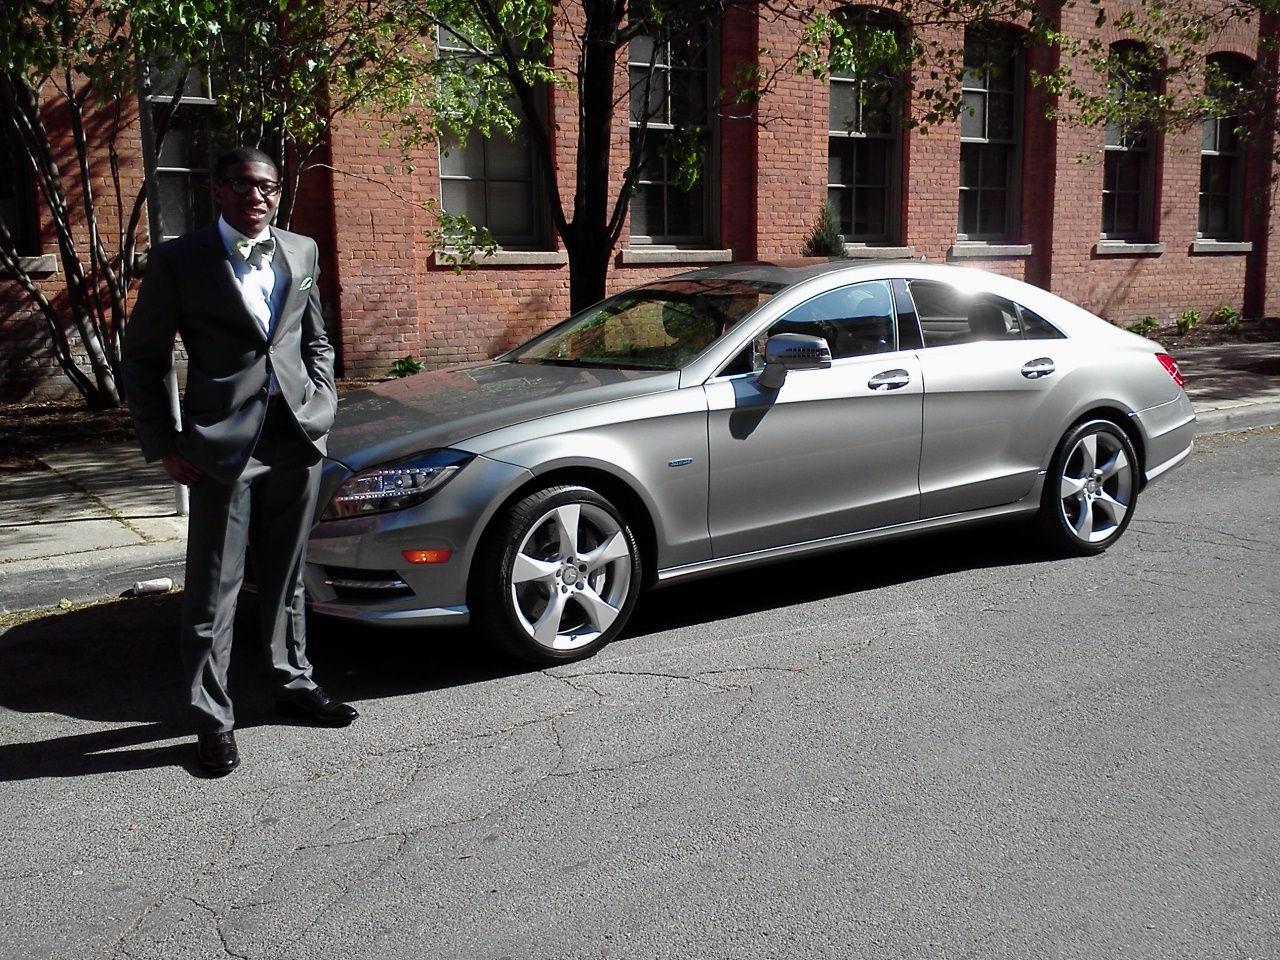 Exotic Car Rental Detroit >> The LAVISH Store | contact-us | Wix.com